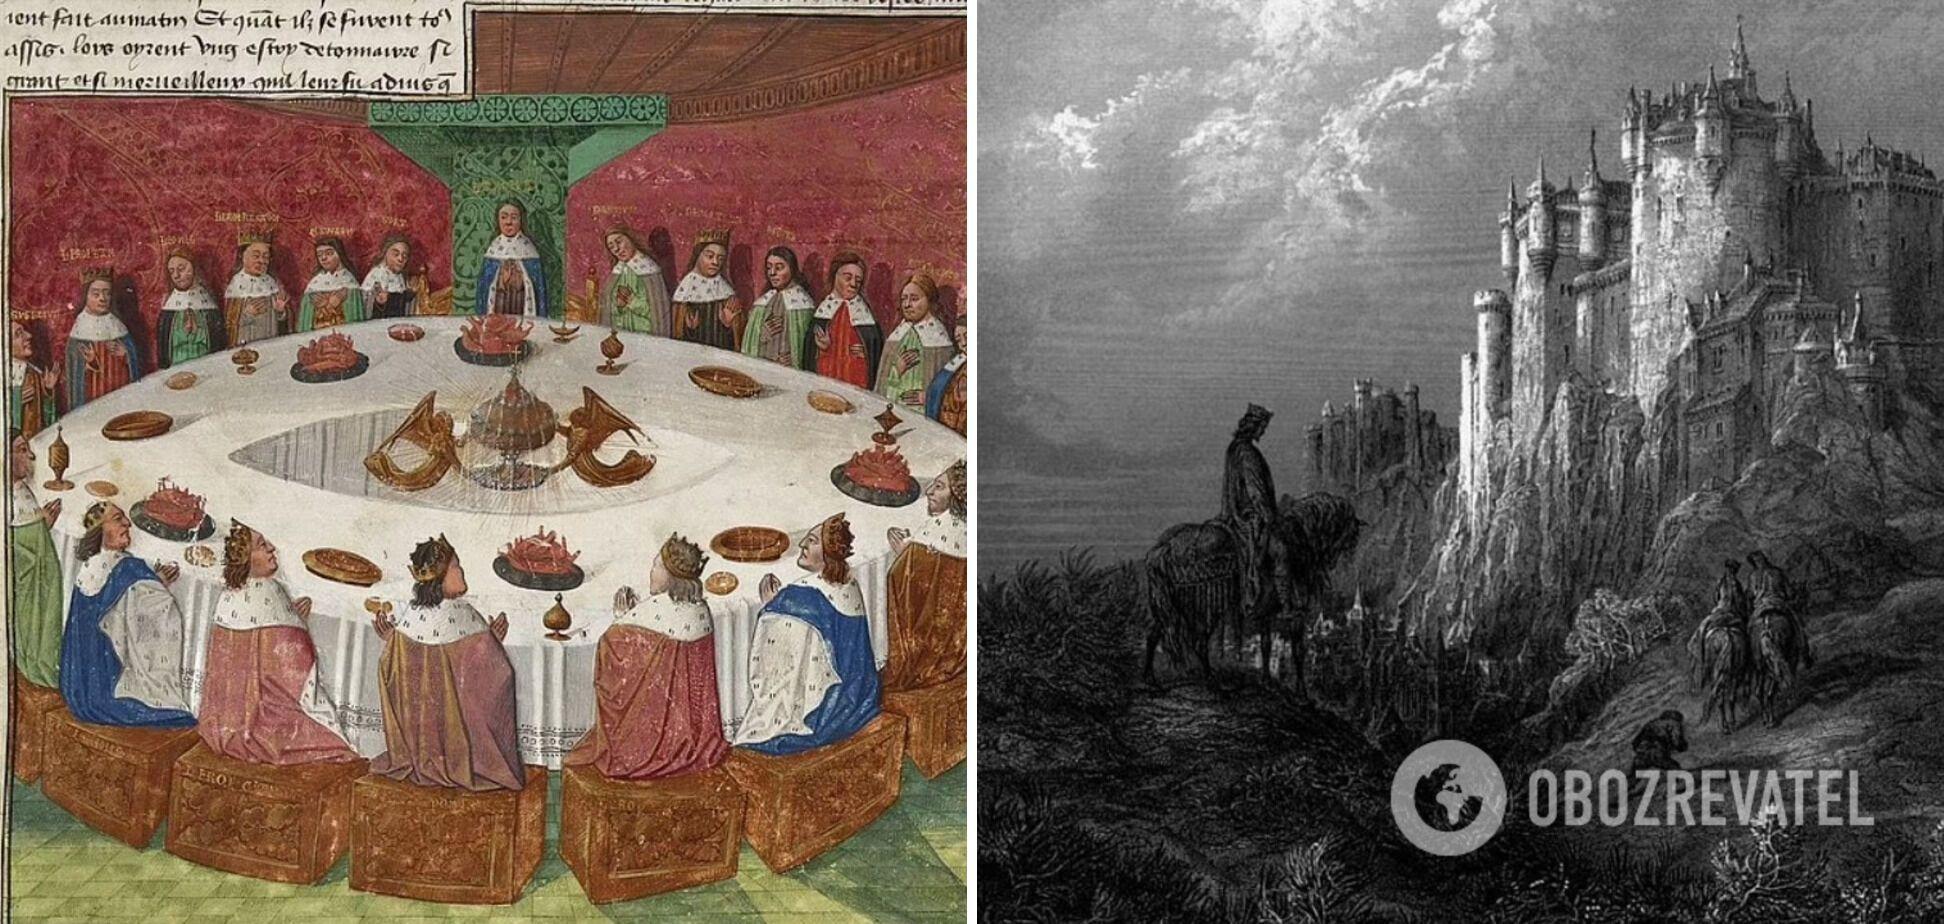 Ілюстрація до творів про короля Артура